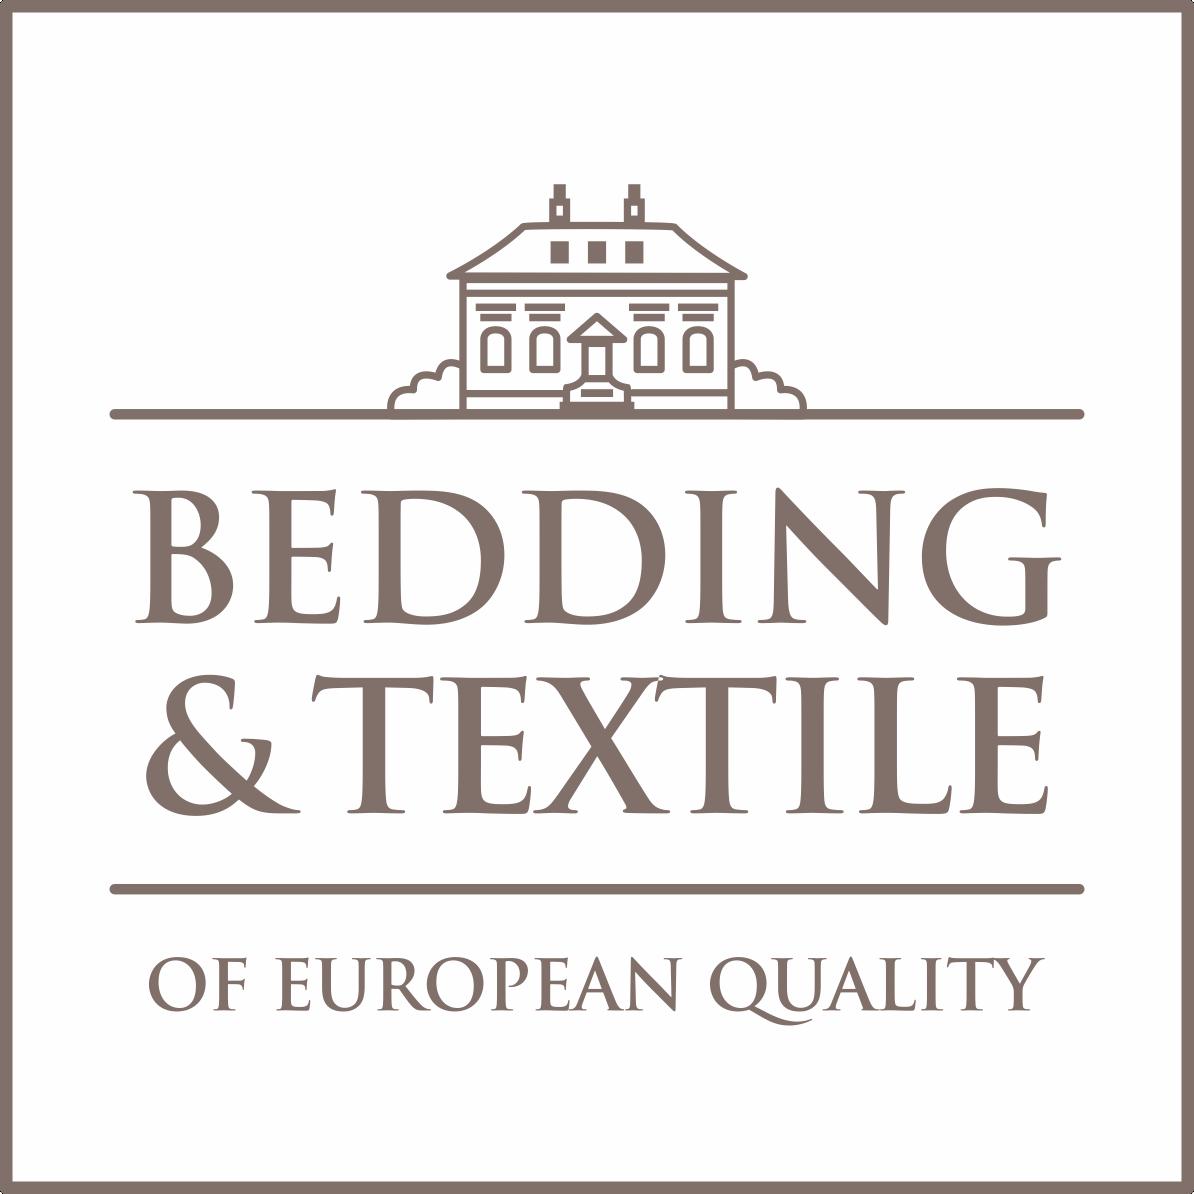 BEDDING&TEXTILE OF EUROPEAN QUALITY